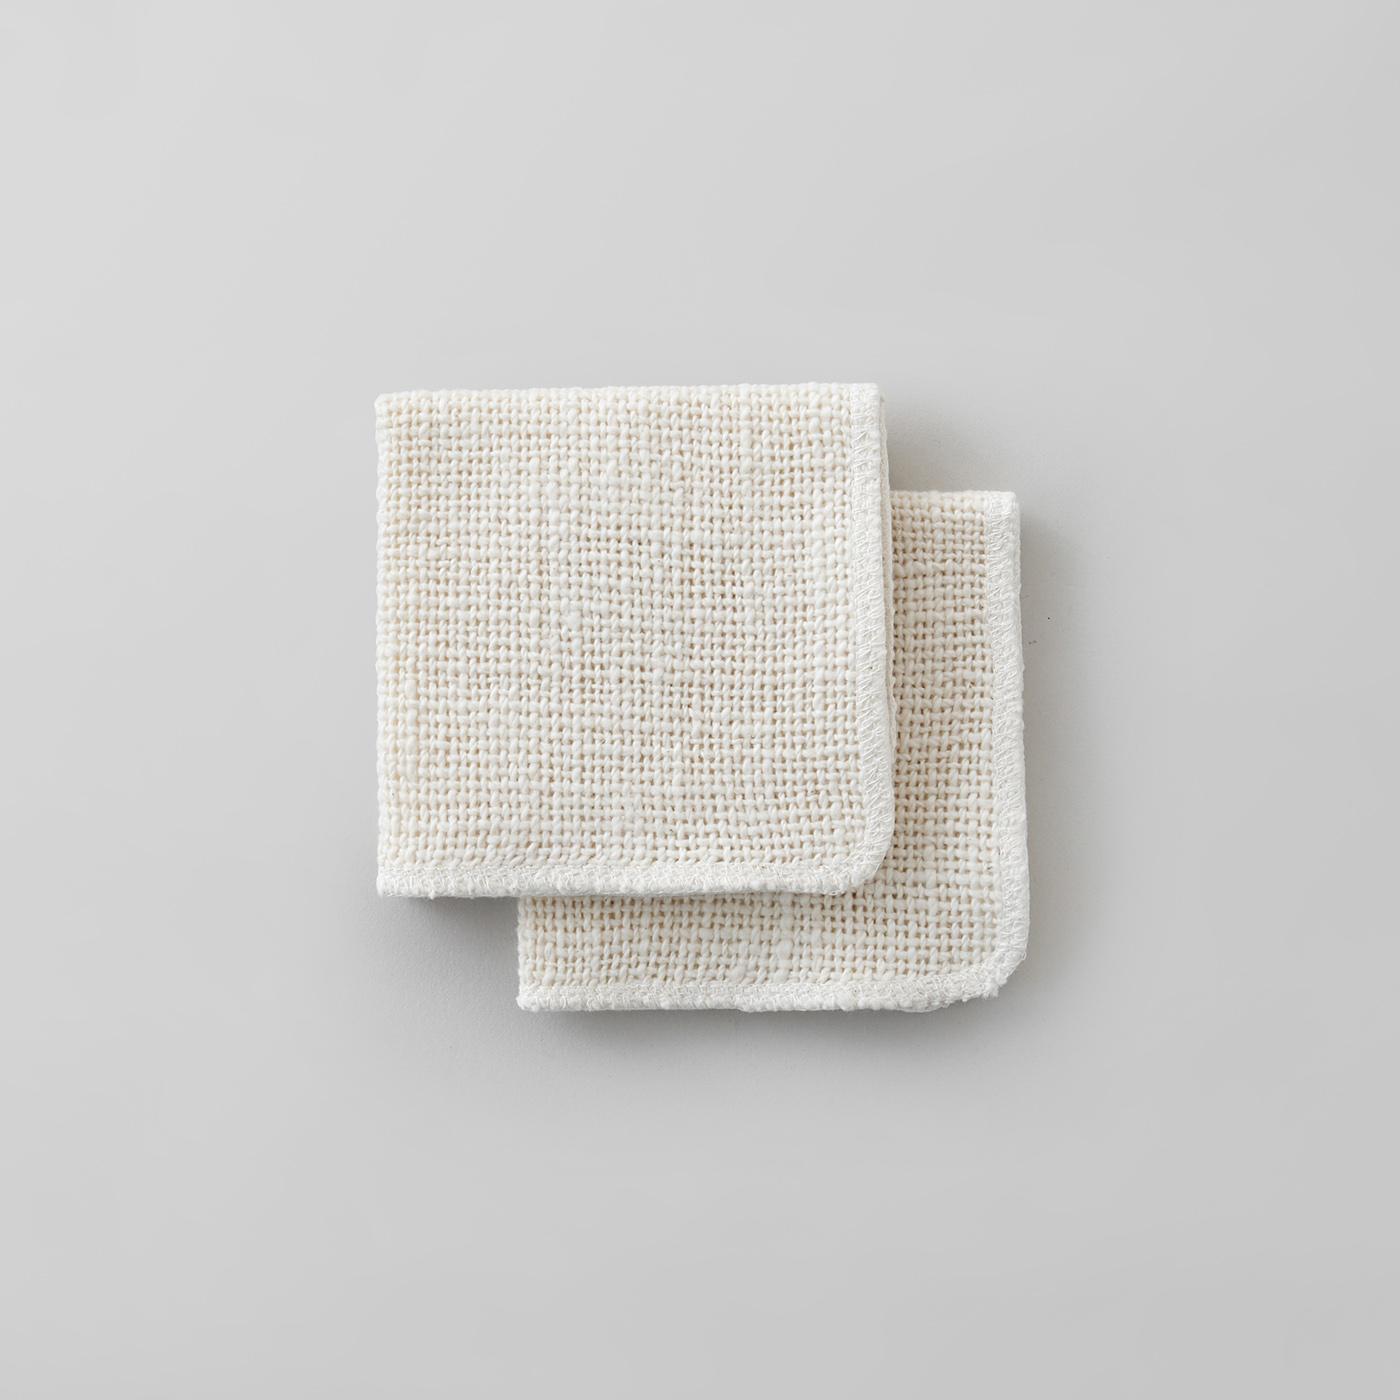 石鹸いらずの洗顔クロス。乾燥肌のスキンケアに。|ガラ紡の化粧おとし(2枚組)